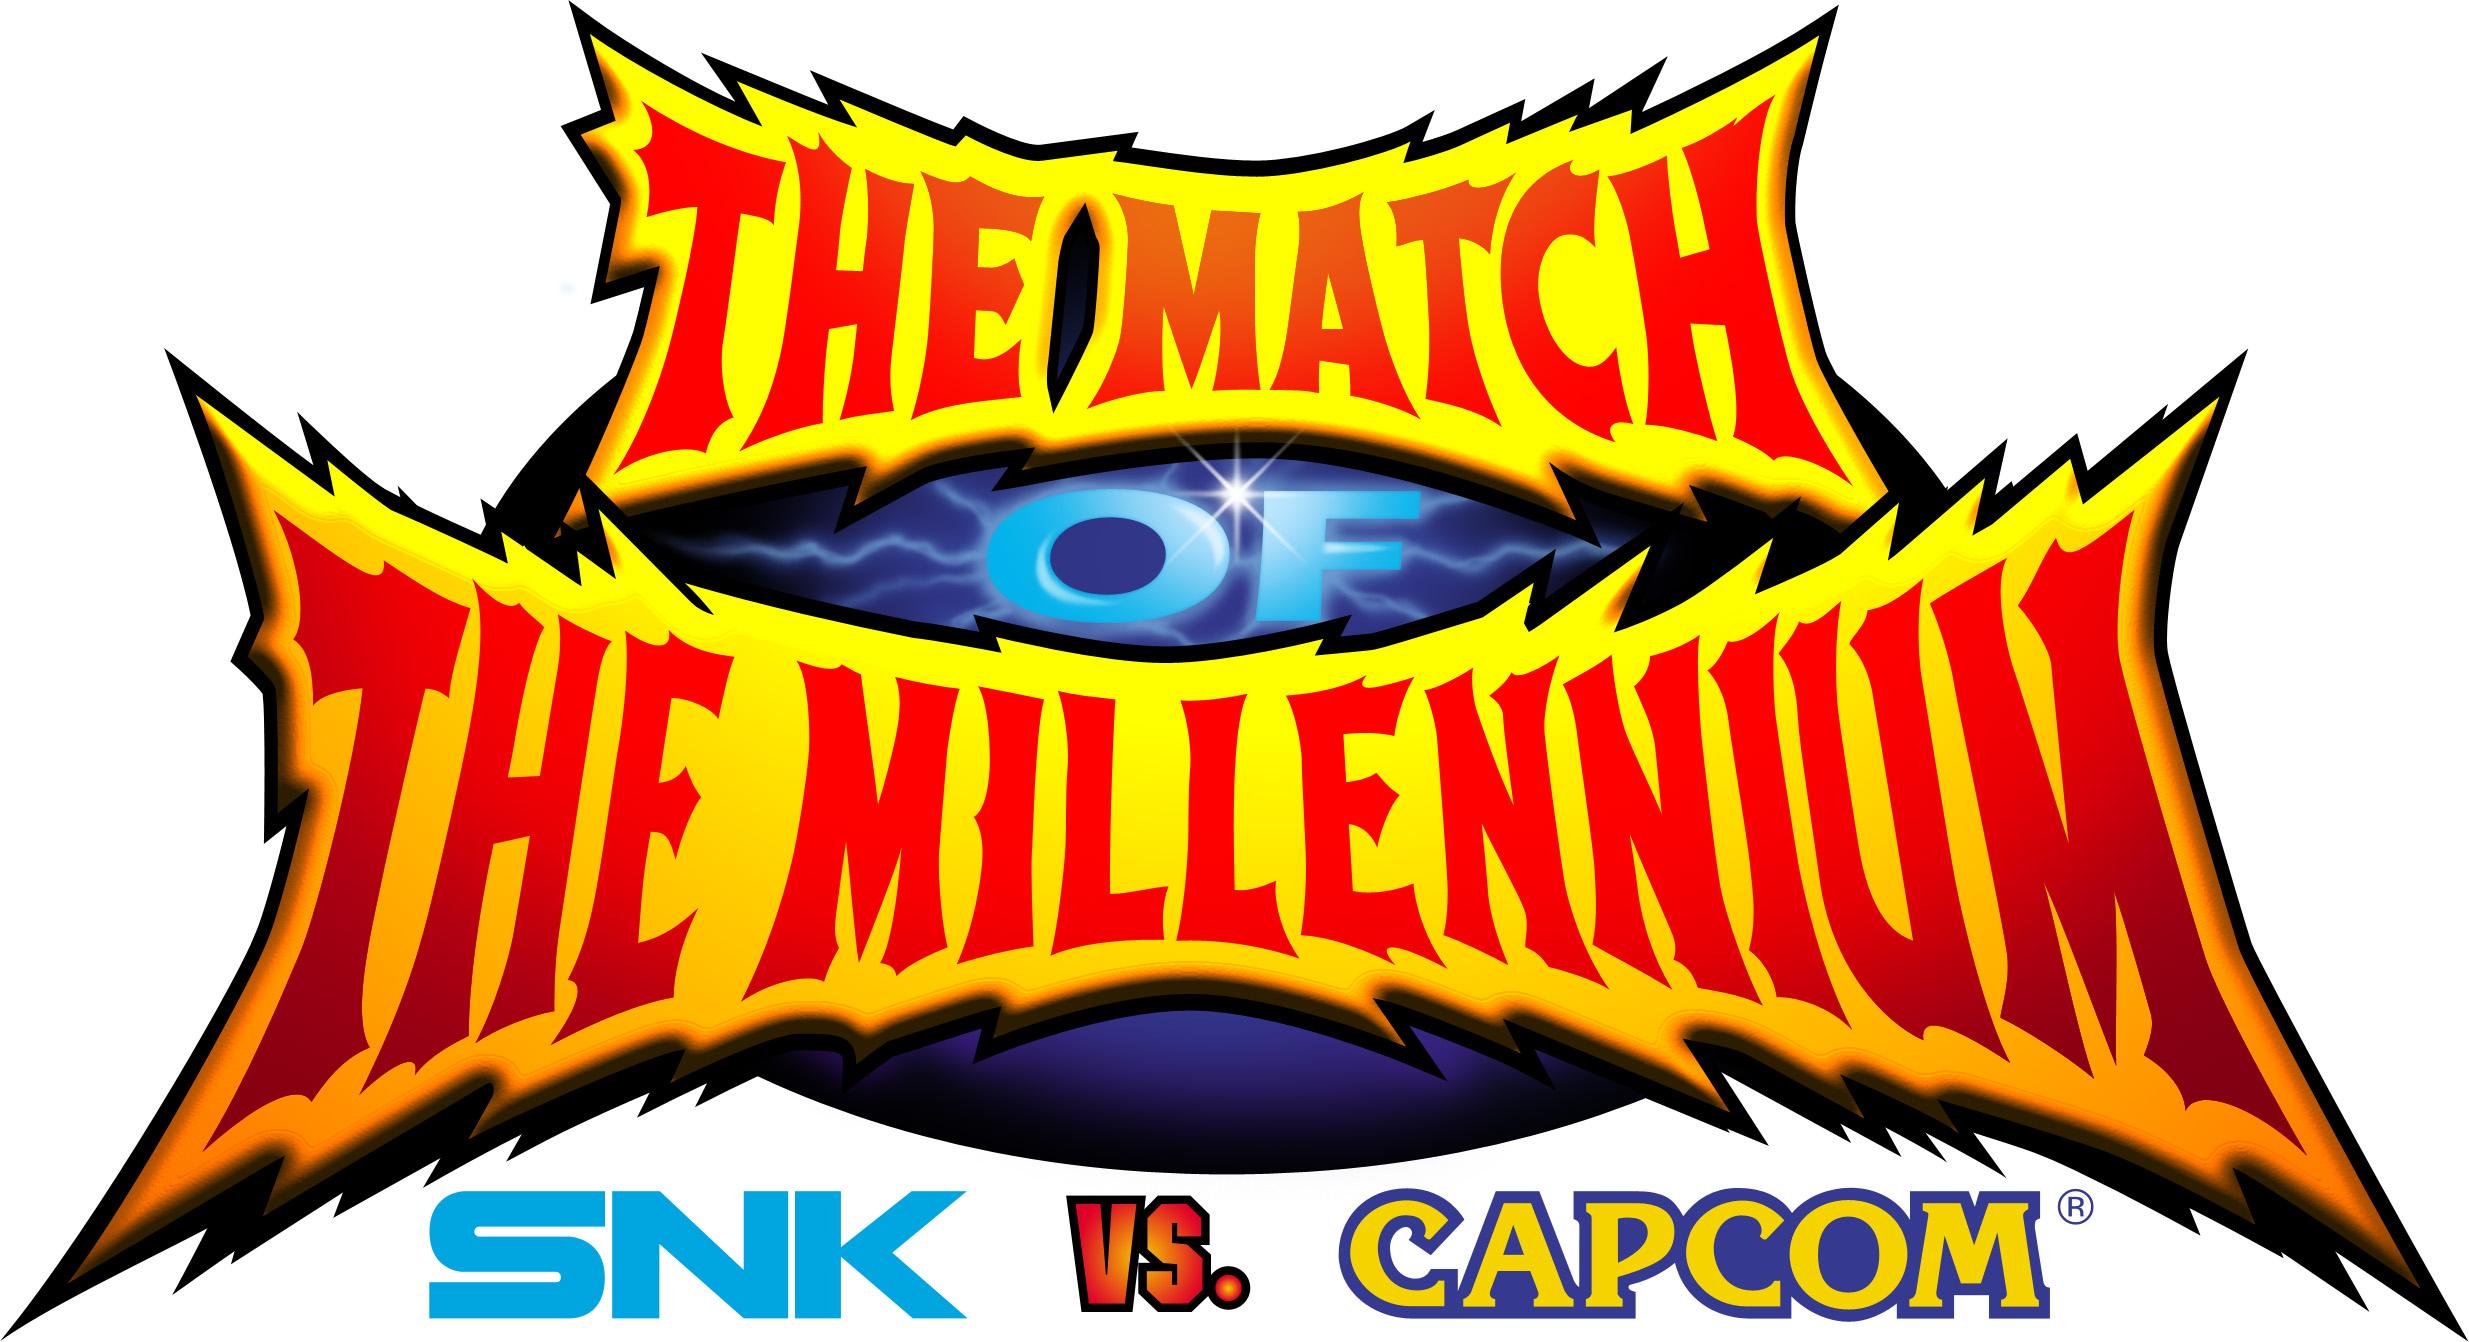 SNK VS. CAPCOM: THE MATCH OF THE